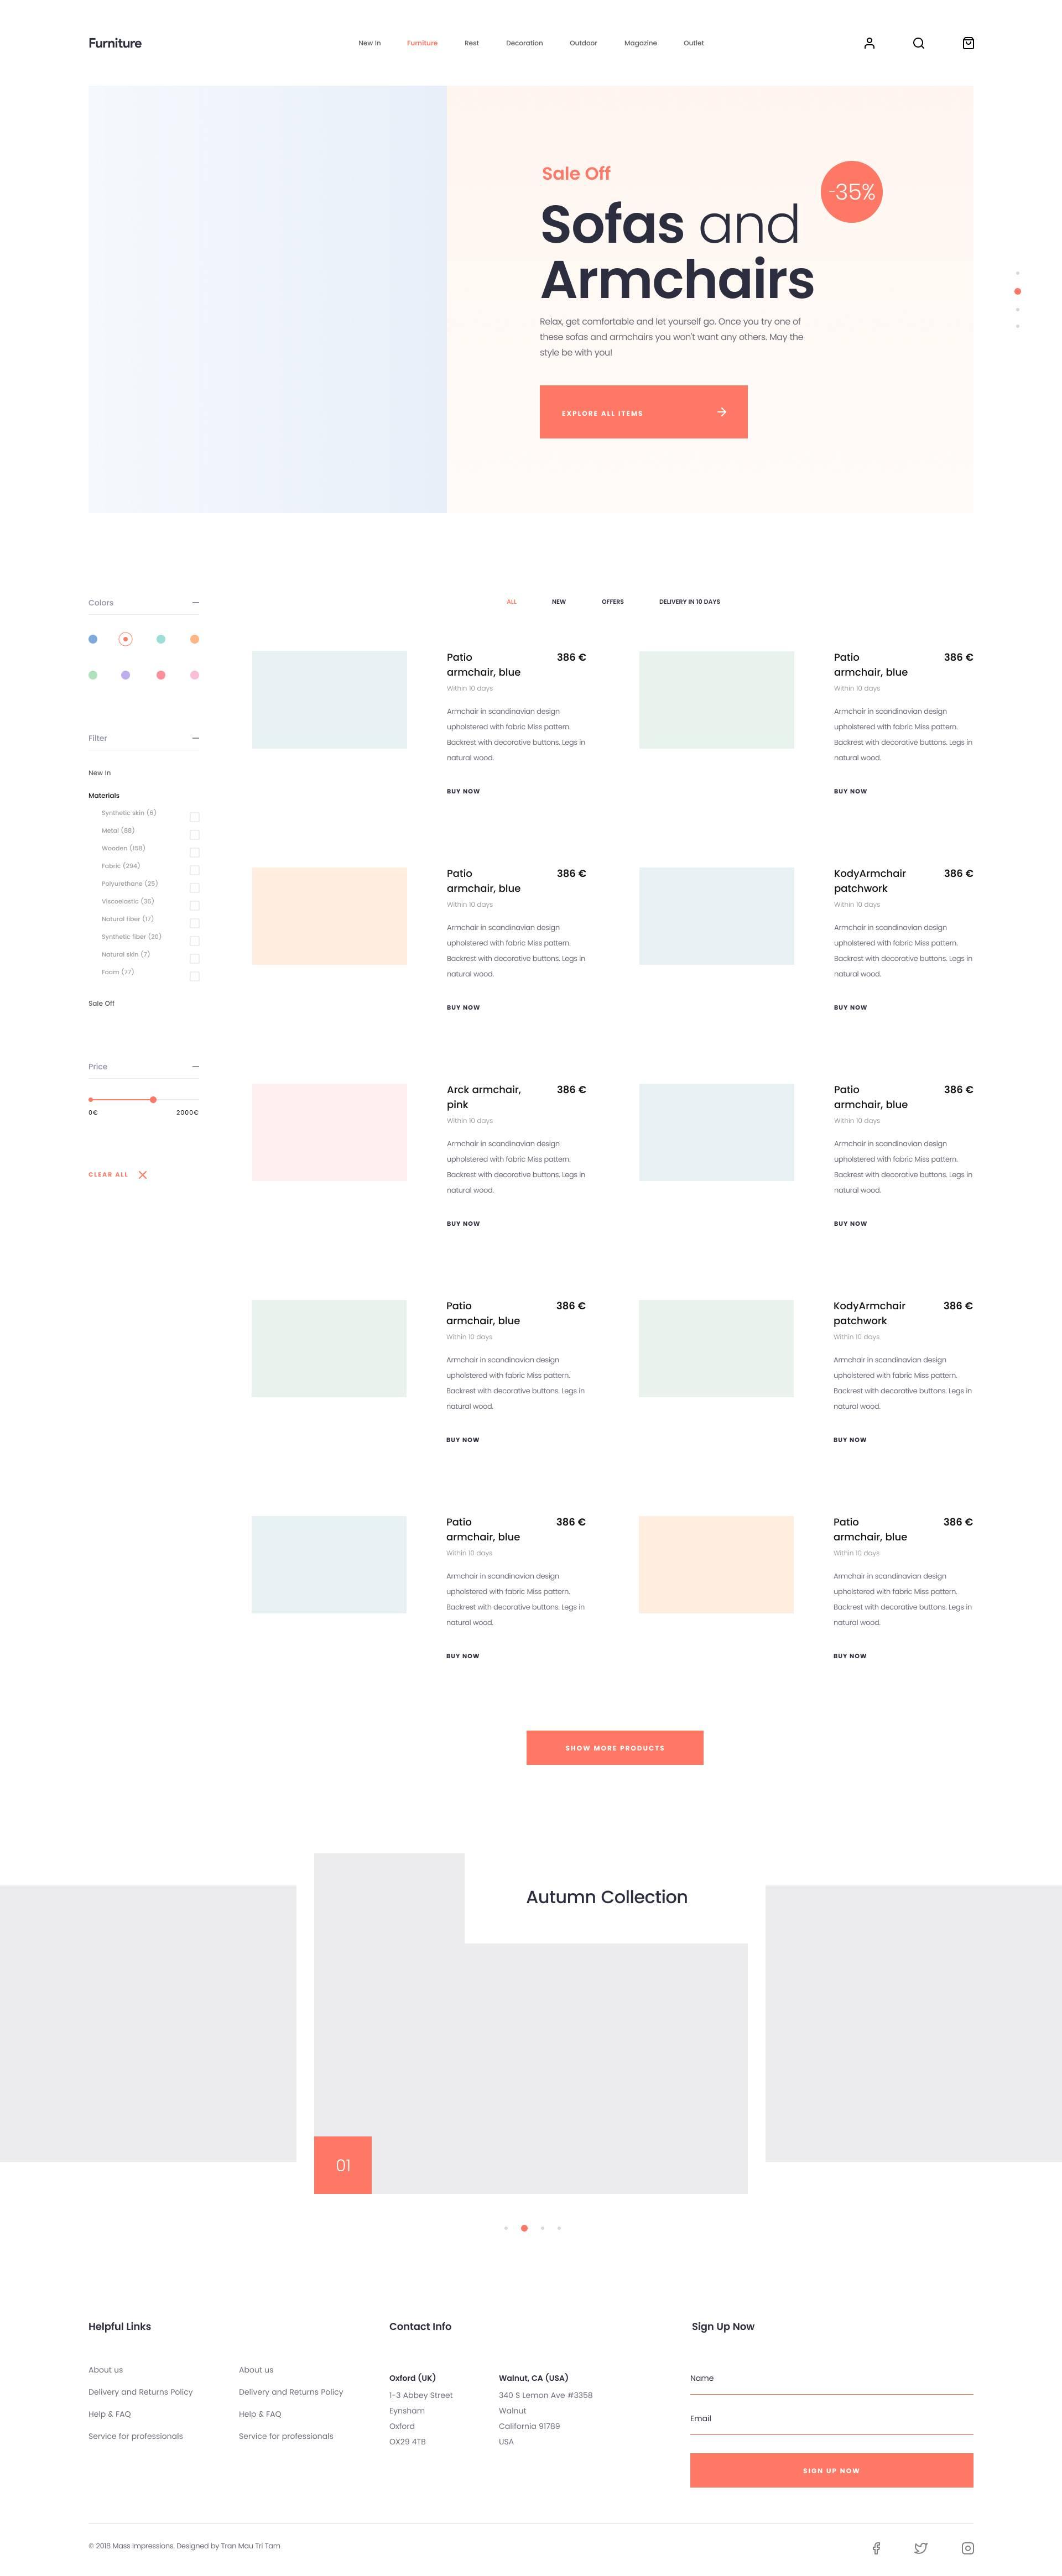 完整的家具网站页面模板.sketch素材下载 网页模板-第3张